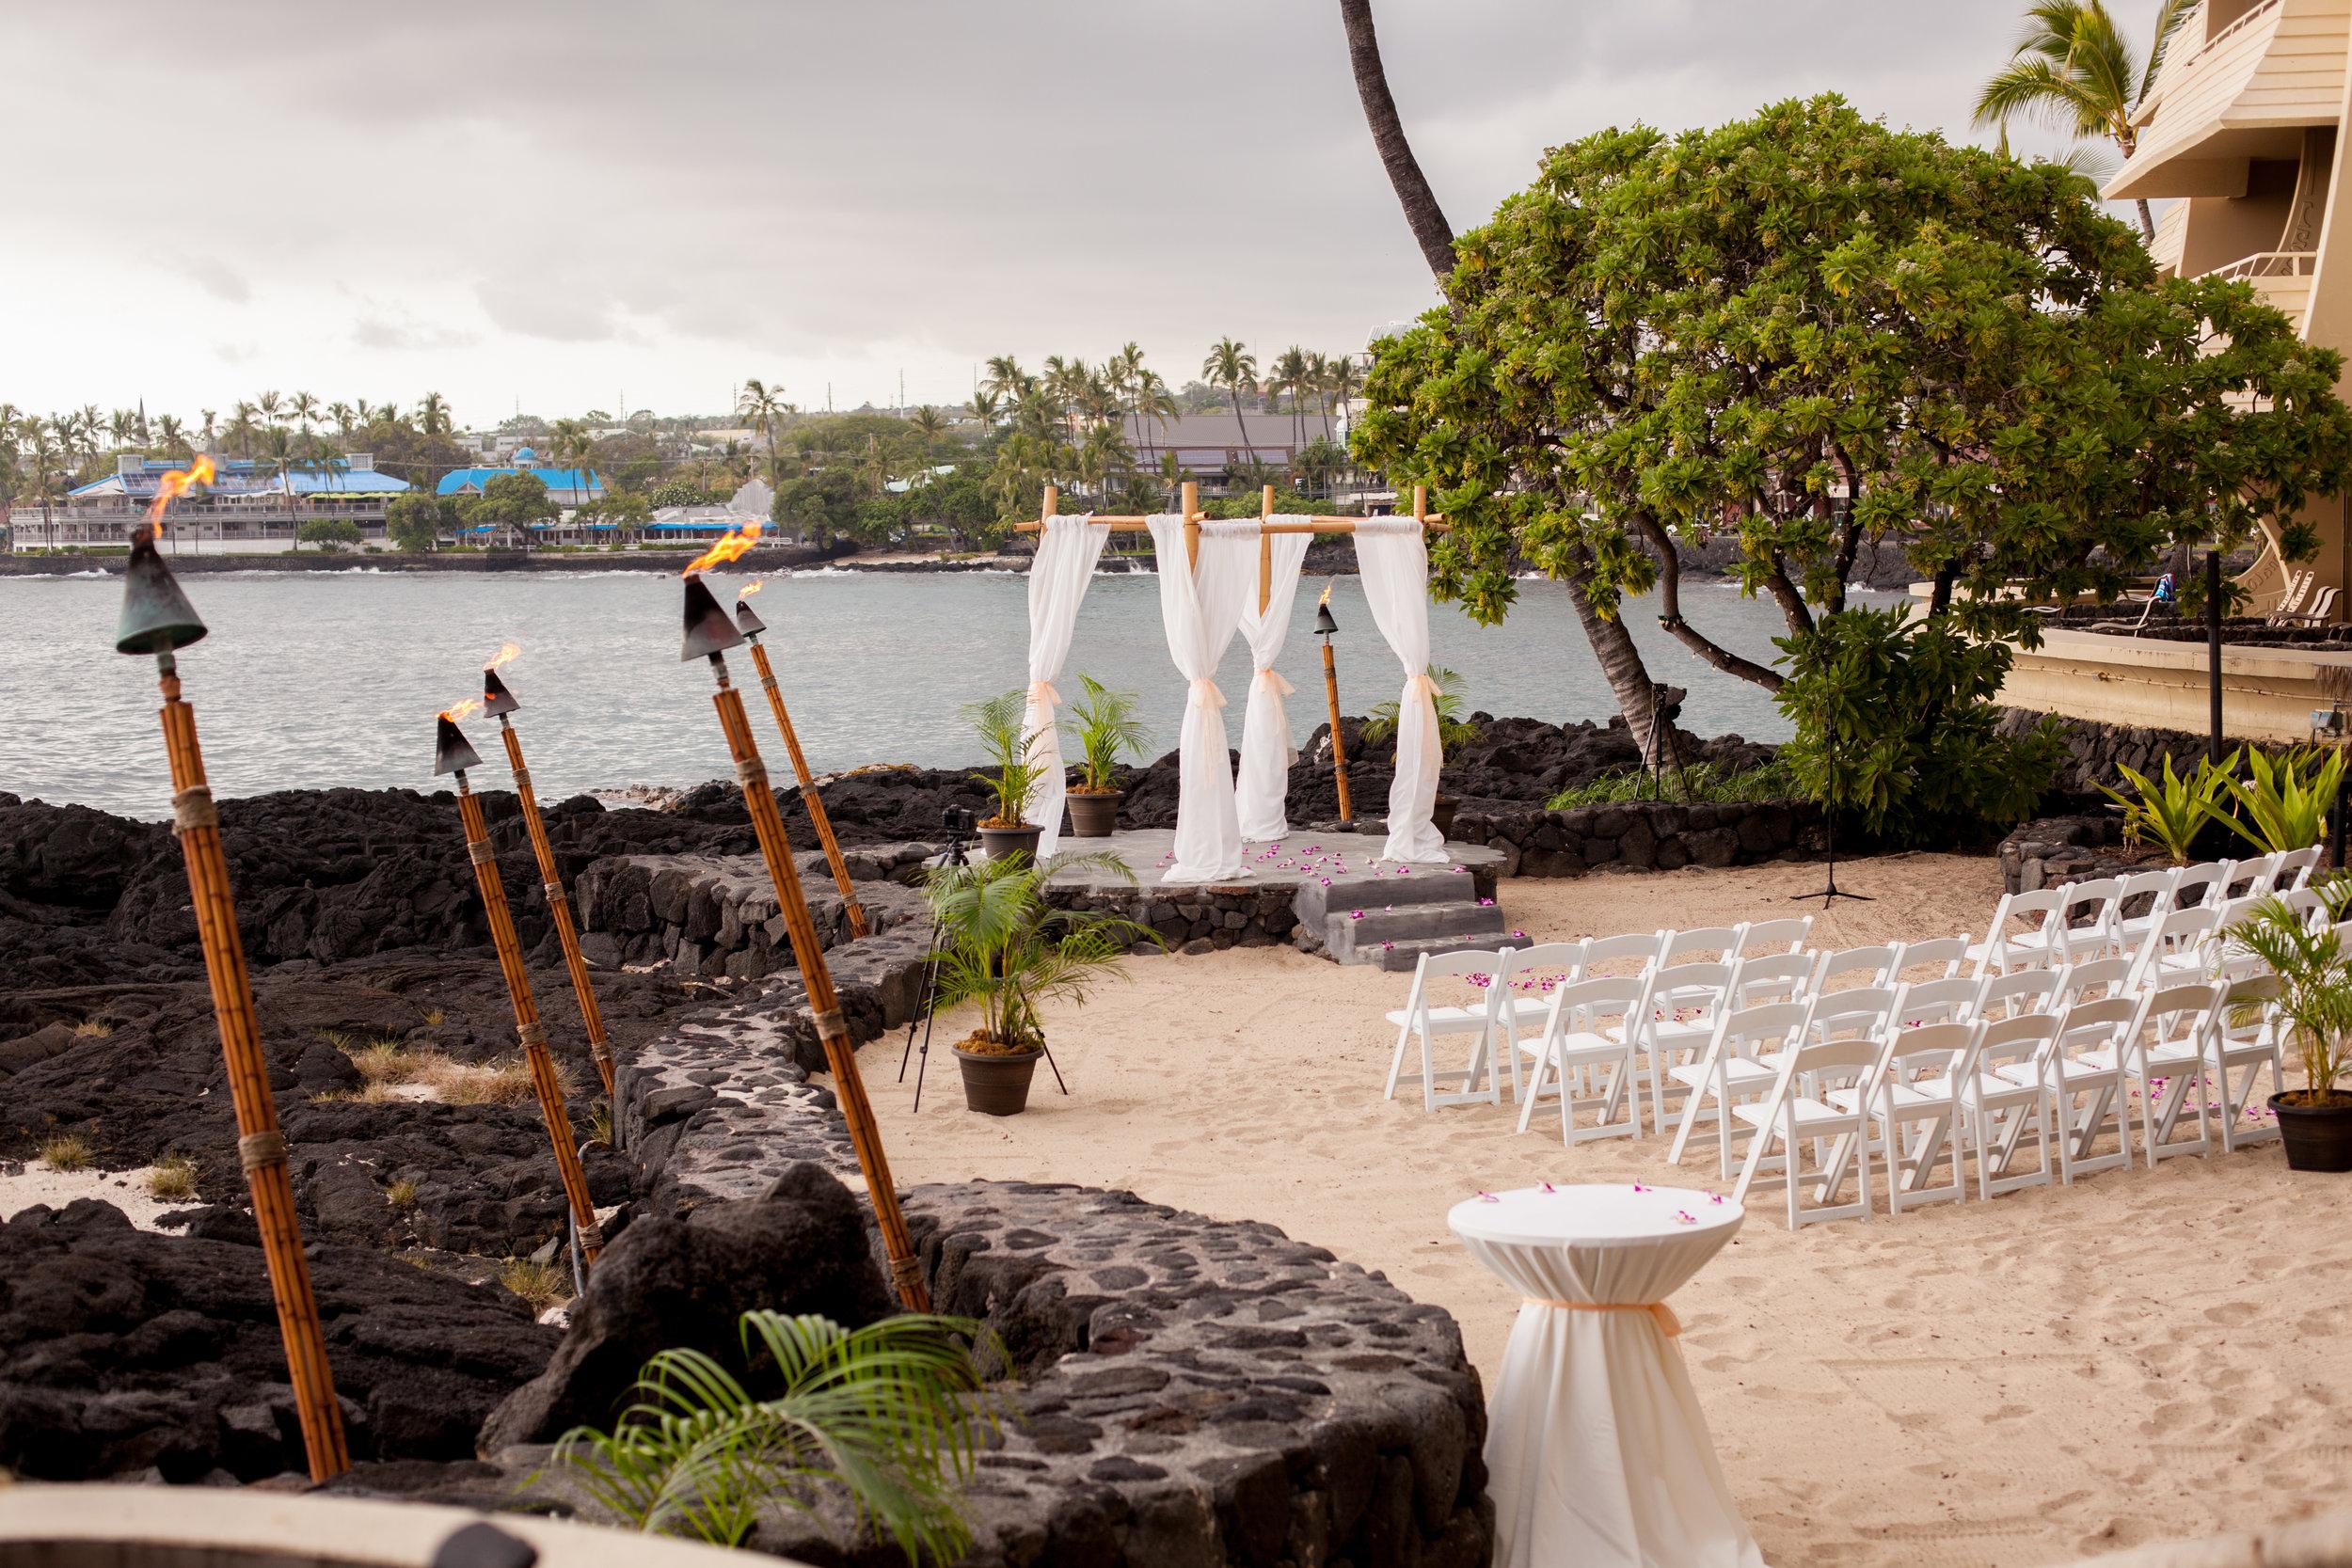 big island hawaii royal kona resort beach wedding © kelilina photography 20170615165554.jpg